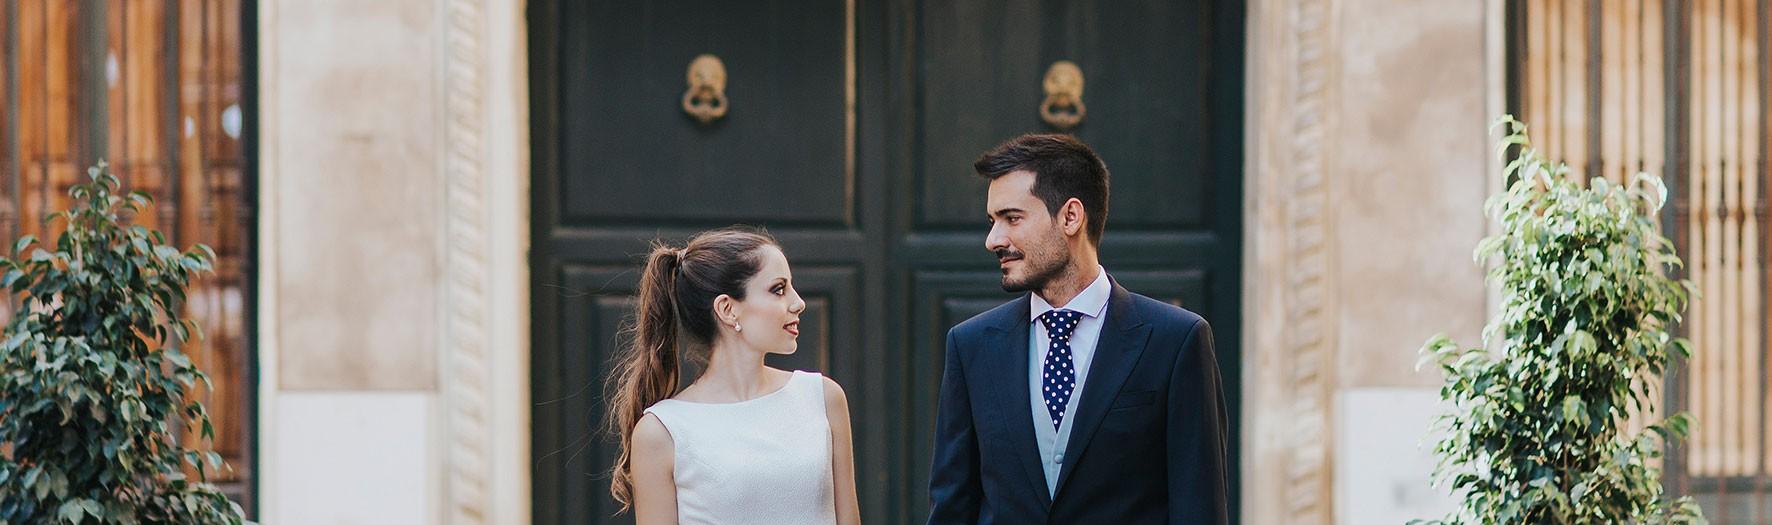 Laura y David - Boda en Lorca + Hacienda Real los Olivos